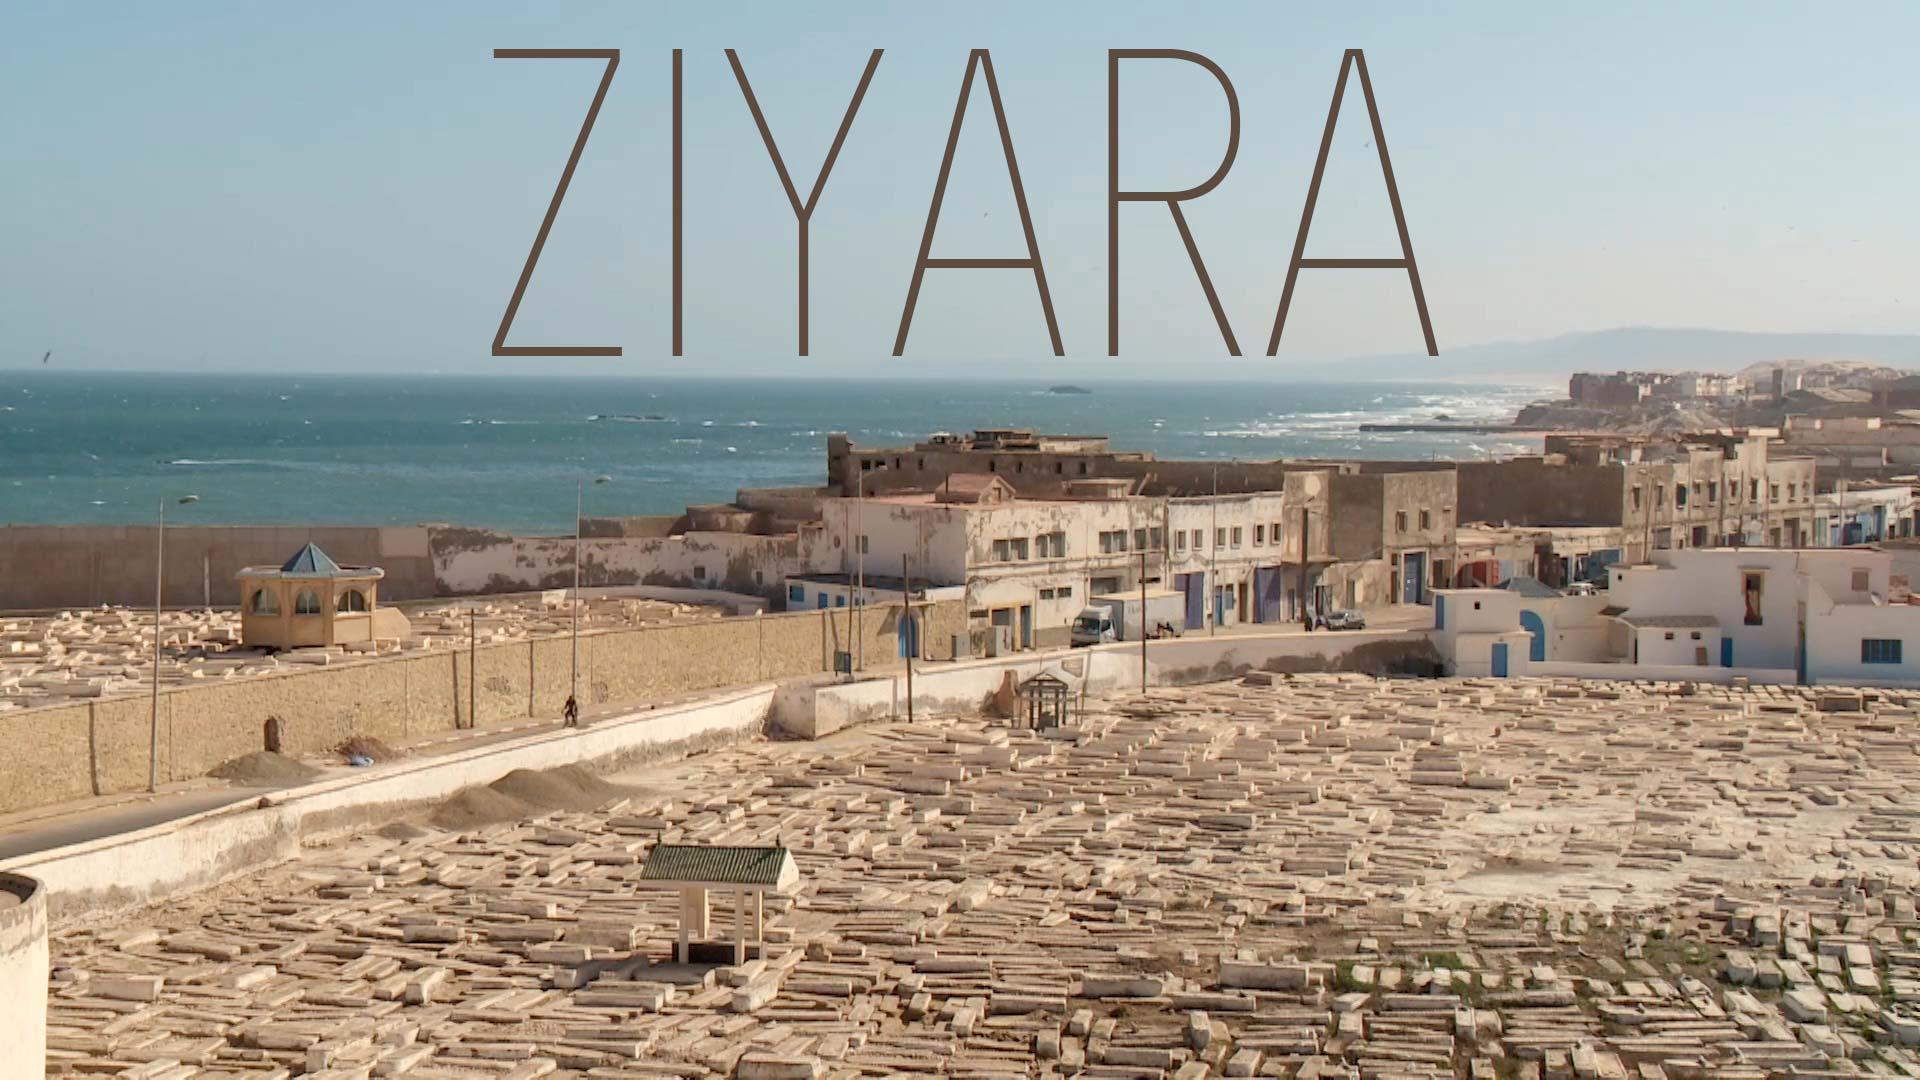 Ziyara - image